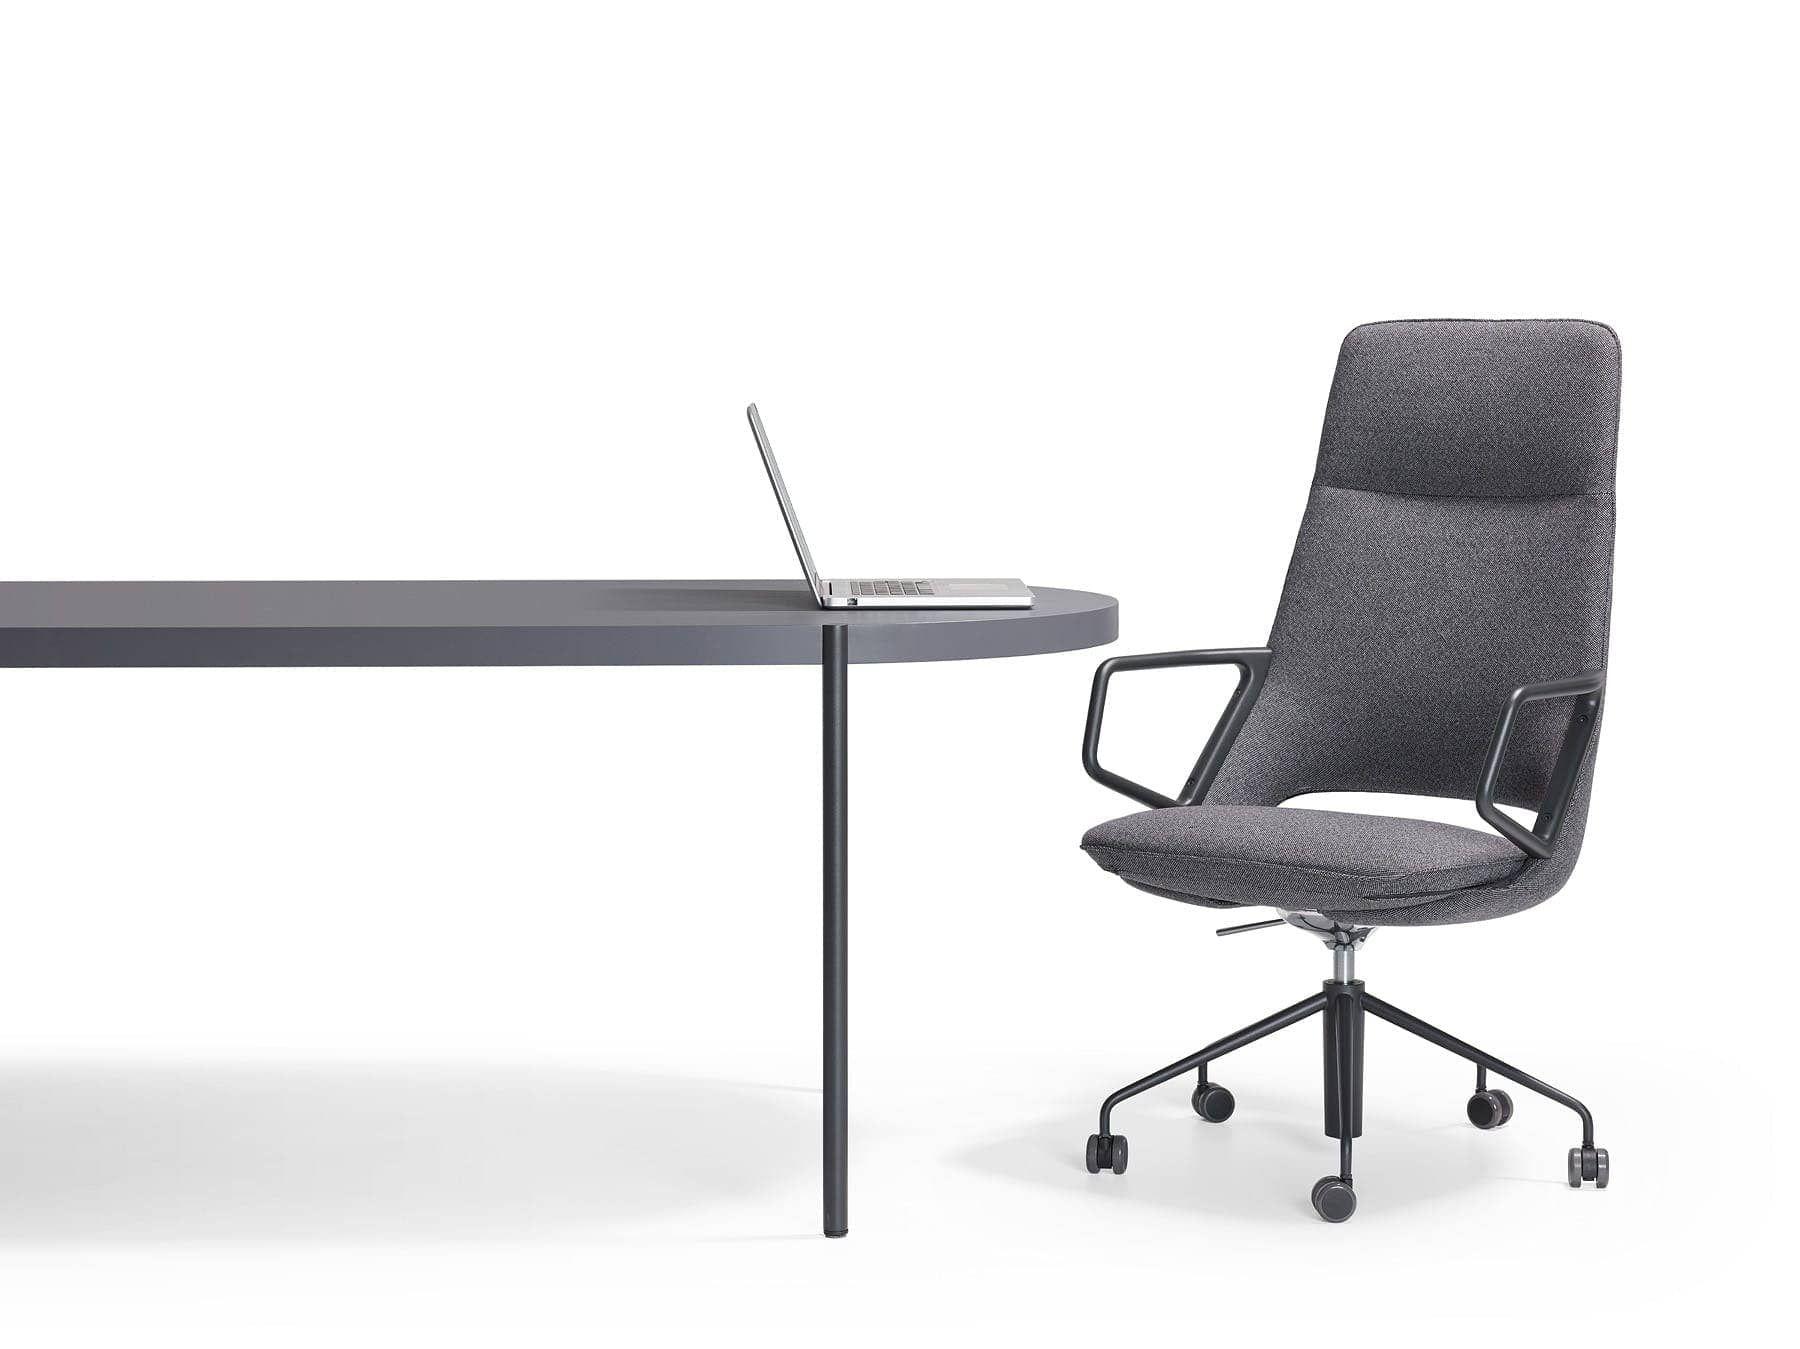 Zuma Hoher Rücken   Ergonomische stühle, Stühle, Stuhl design